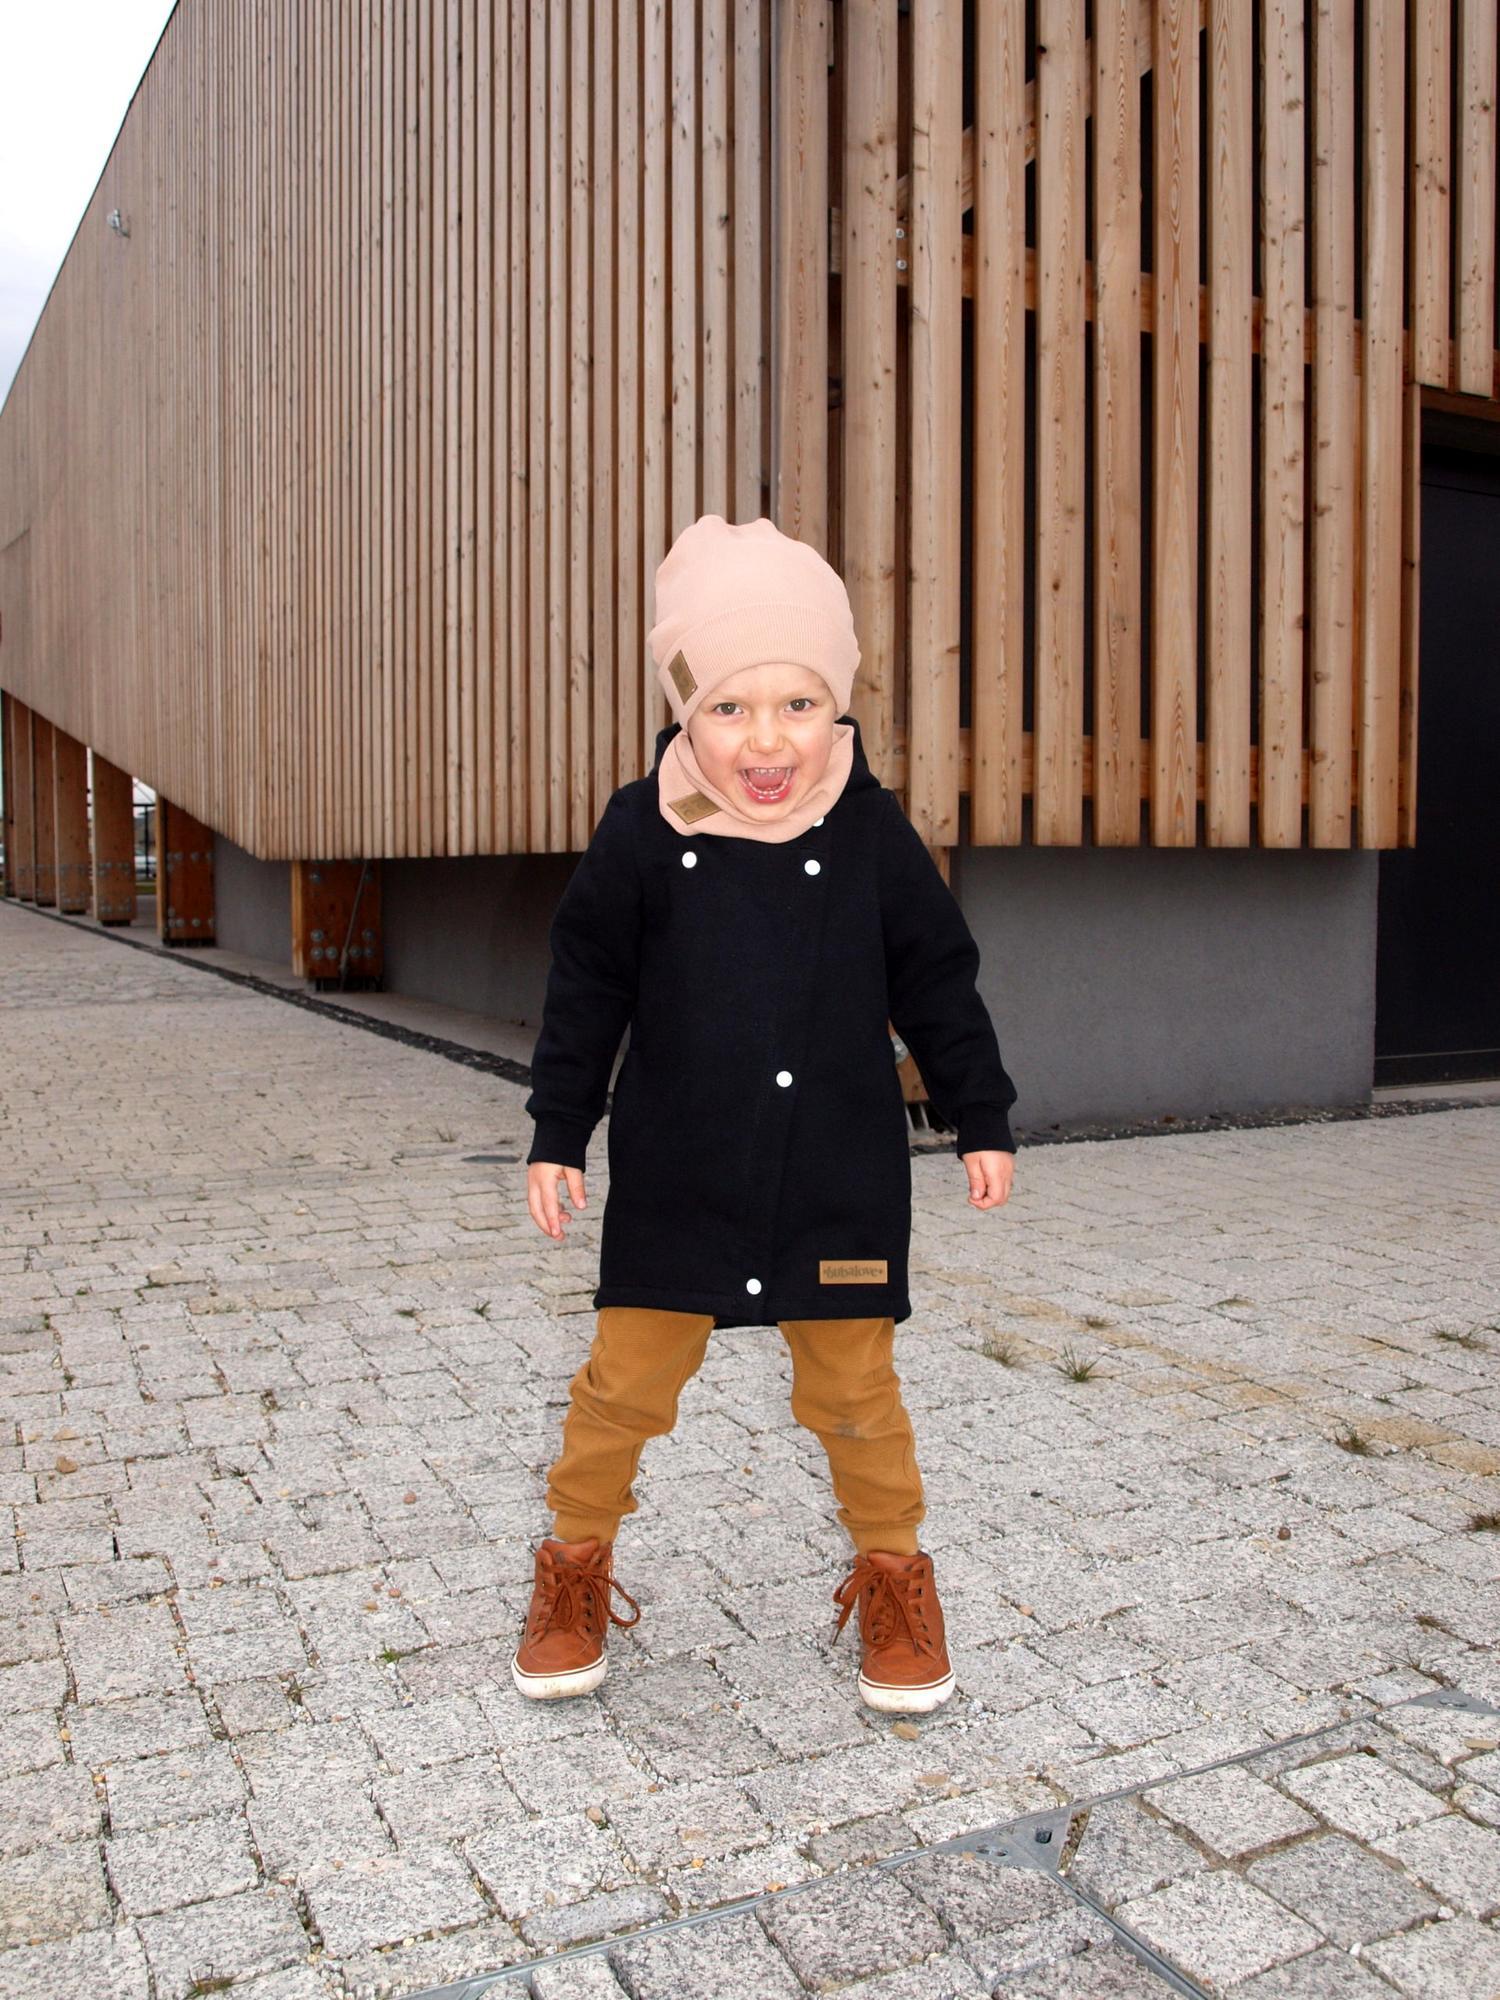 """Płaszcz dziecięcy dzianinowy wiosenno jesienny w kolorze czarnym, stworzony z myślą o najmłodszych. Uszyty z dzianiny bawełnianej z 10% dodatkiem poliestru. Bawełna ma doskonałe właściwości cieplne. Zapewnia doskonałą cyrkulację powietrza , dodatkowo bawełna drapana, wyjątkowo miękka i miła w dotyku. Dzianiny wykonane ze 100% bawełny, pomimo swojej 100% naturalności, cechują się dużo mniejszą odpornością mechaniczną, która w przypadku dzieci jest niezwykle istotna. Wielokrotne pranie i rozciąganie (w newralgicznych miejscach, np. łokciach) może powodować deformowanie dzianiny, a tym samym struktury płaszcza. Zastosowane przez nas dzianiny cechują się wysoką wytrzymałością przy zachowaniu naturalnych właściwości bawełny. Udoskonalona forma płaszcza zapewnia ochronę przed wiatrem dzięki głębokiemu kapturowi i wysokiemu kołnierzowi. Zakładka z tyłu płaszcza zapewnia swobodę ruchów podczas zabawy, nie ogranicza kucania ,siadania i innych akrobacji. Długość  """"za pupę """" zapewnia ciepło w każ"""